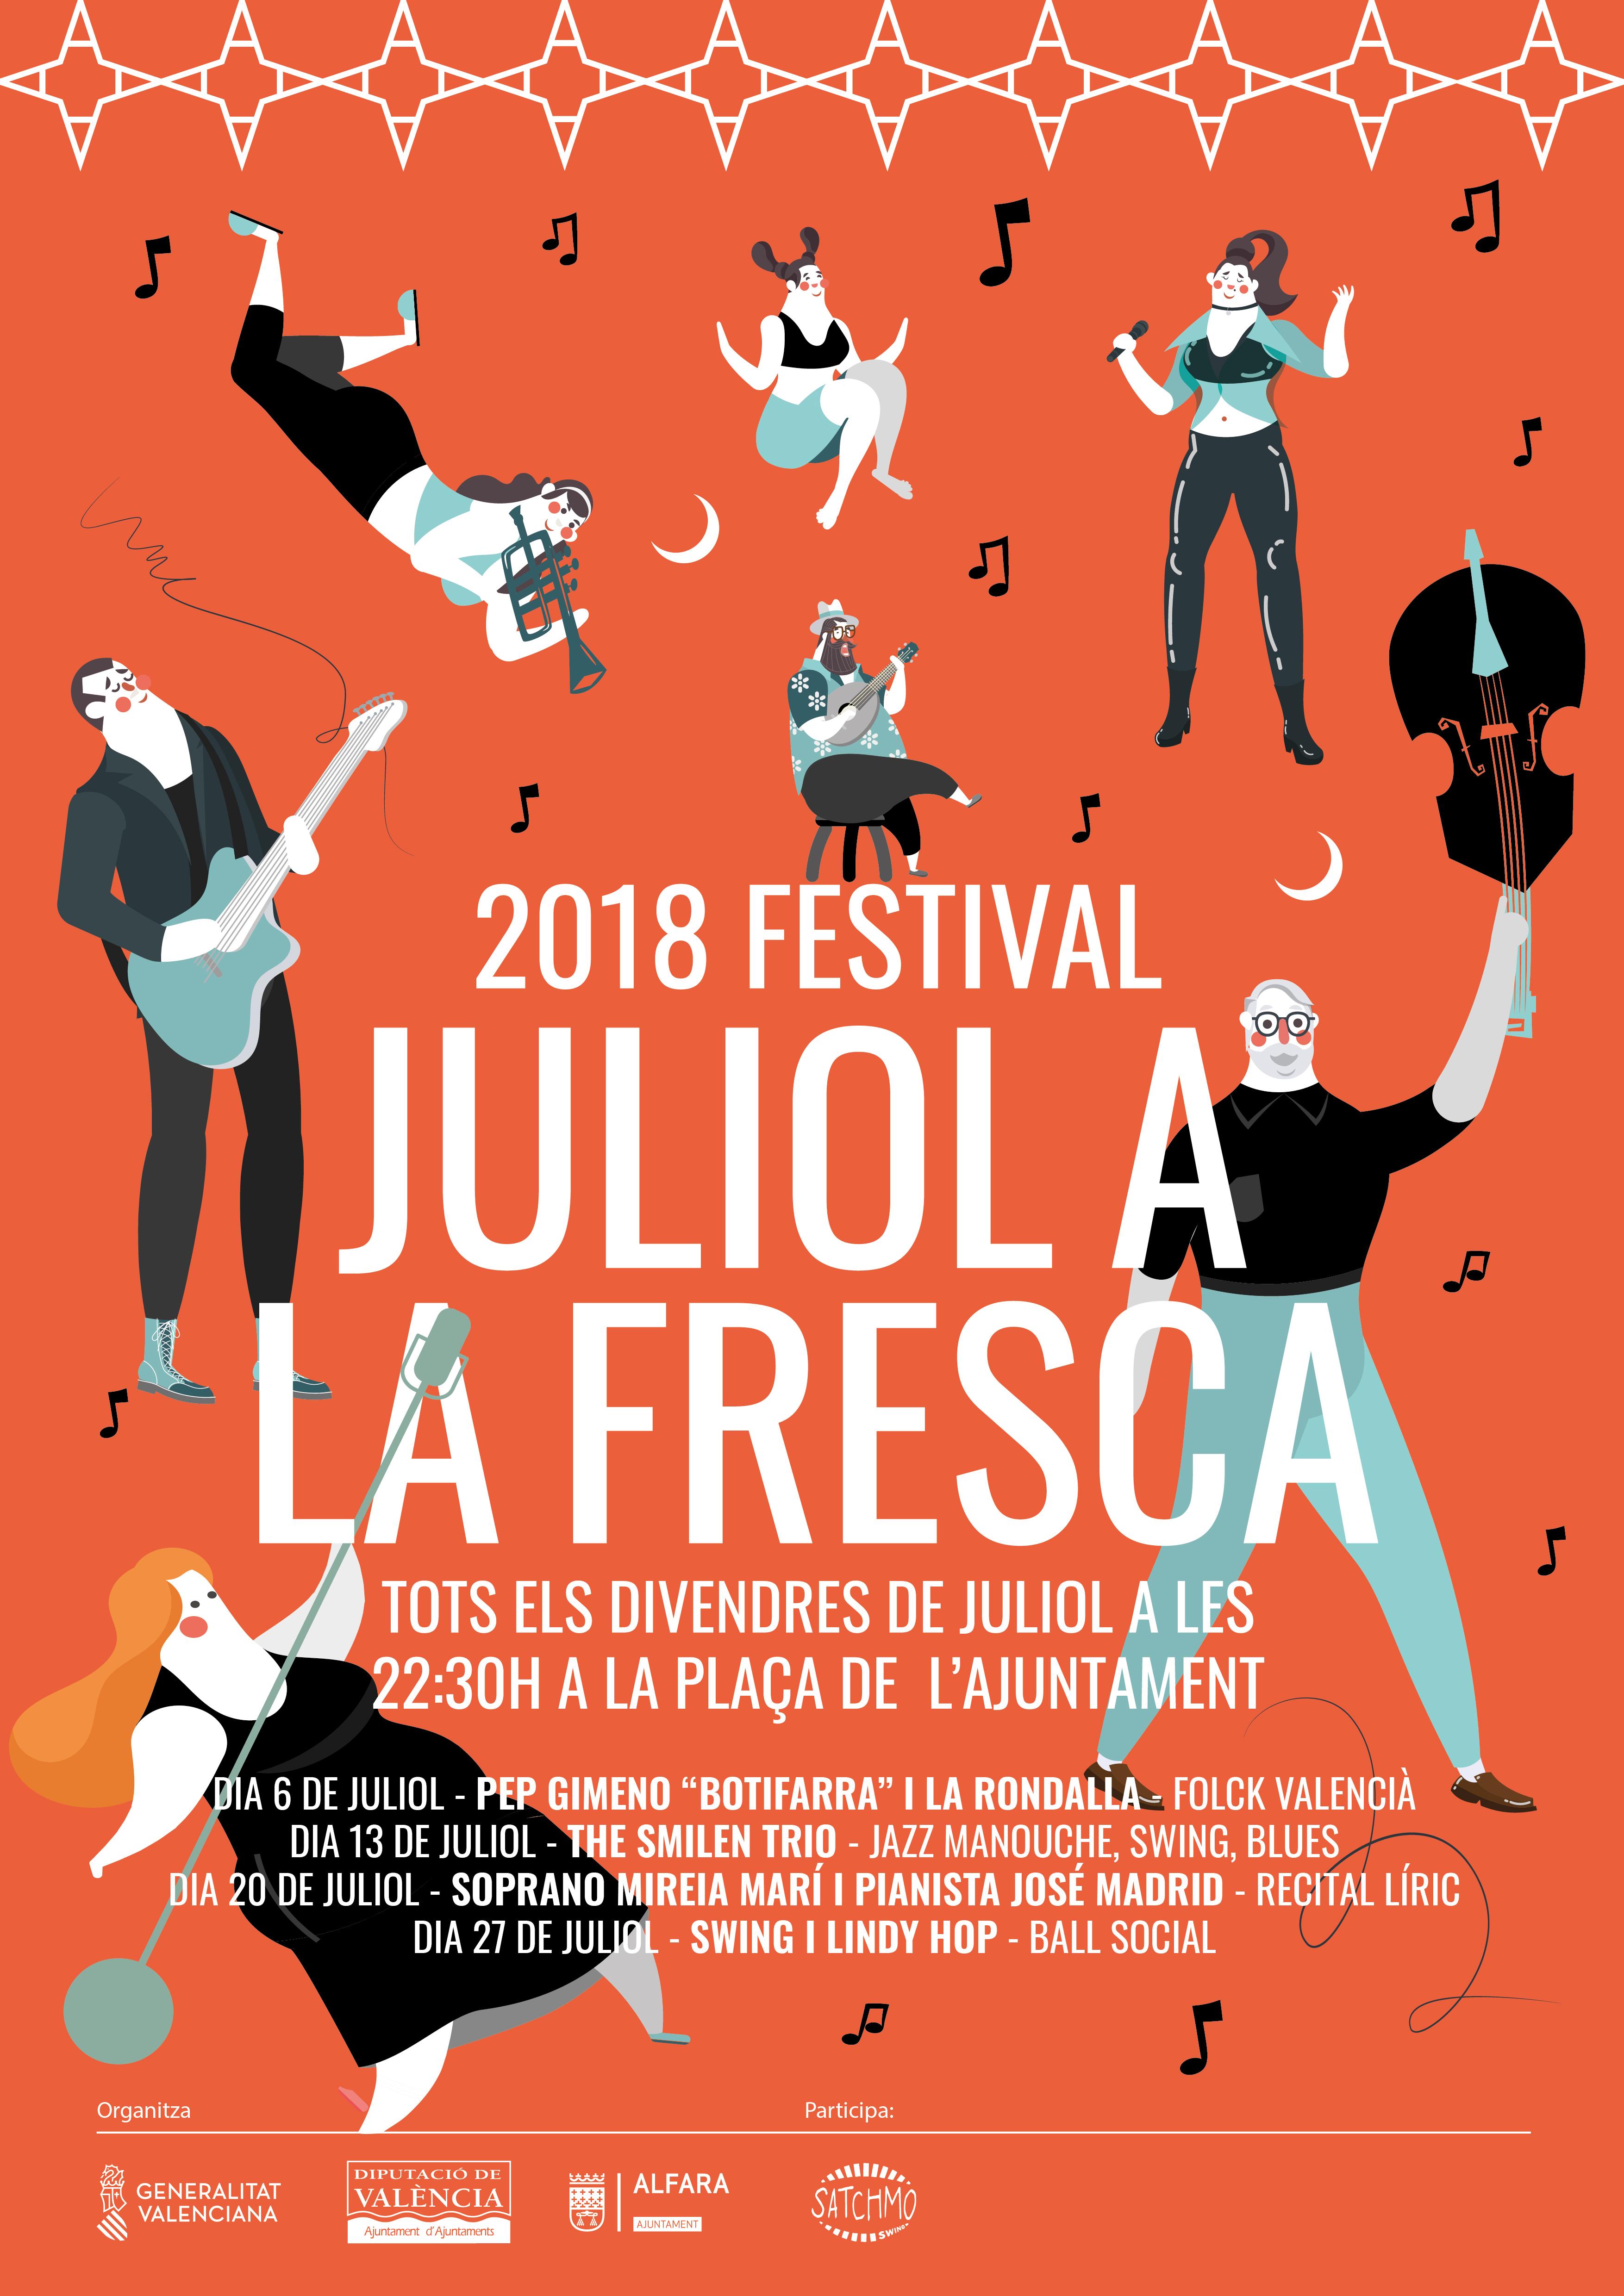 JULIOL A LA FRESCA2018-05